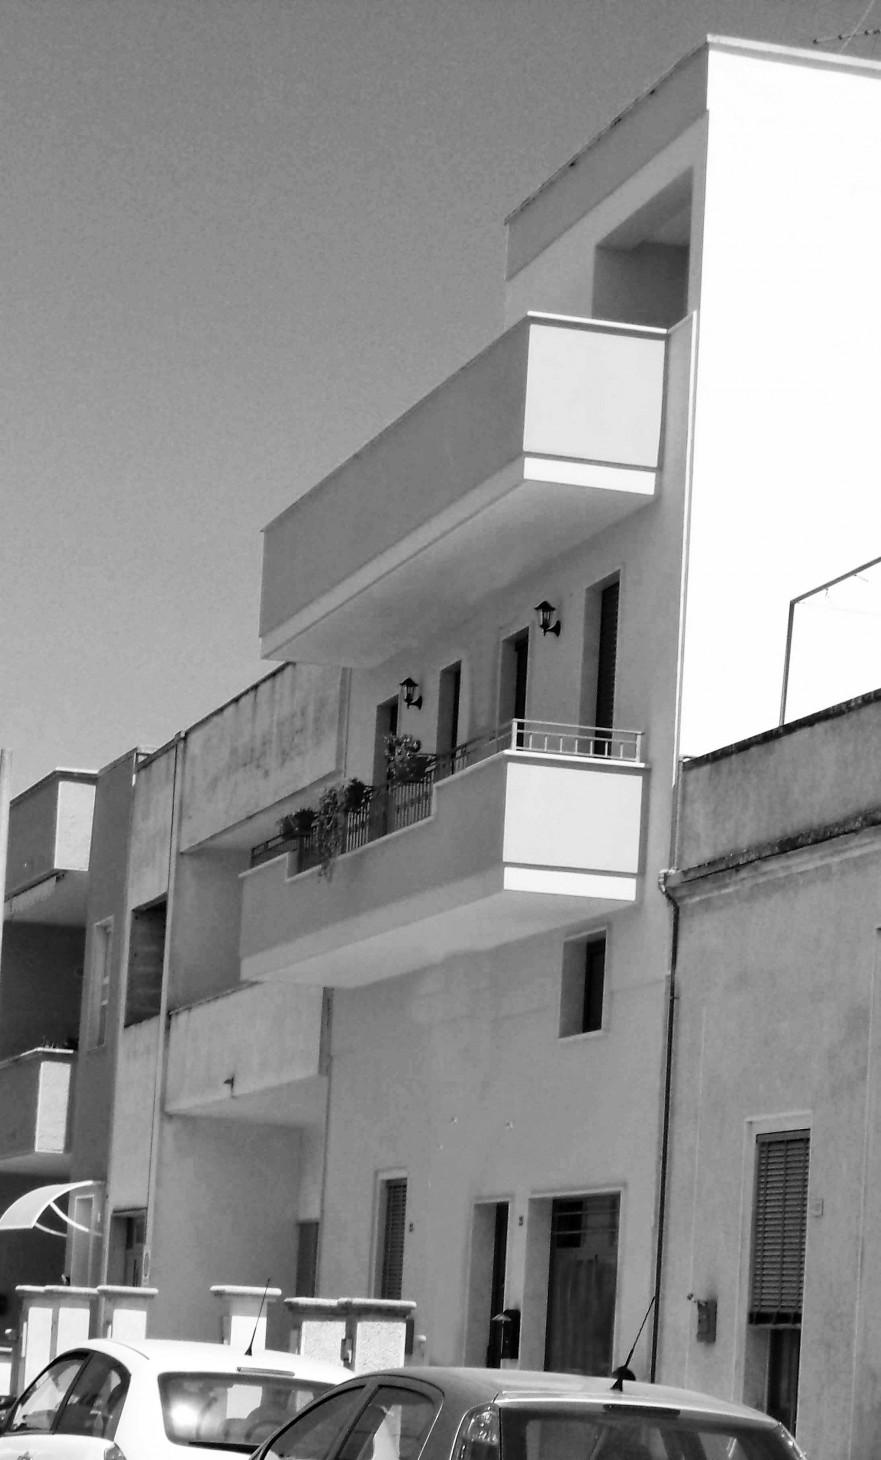 Casa unifamiliare ampliamento m 2006 - Ampliamento casa ...